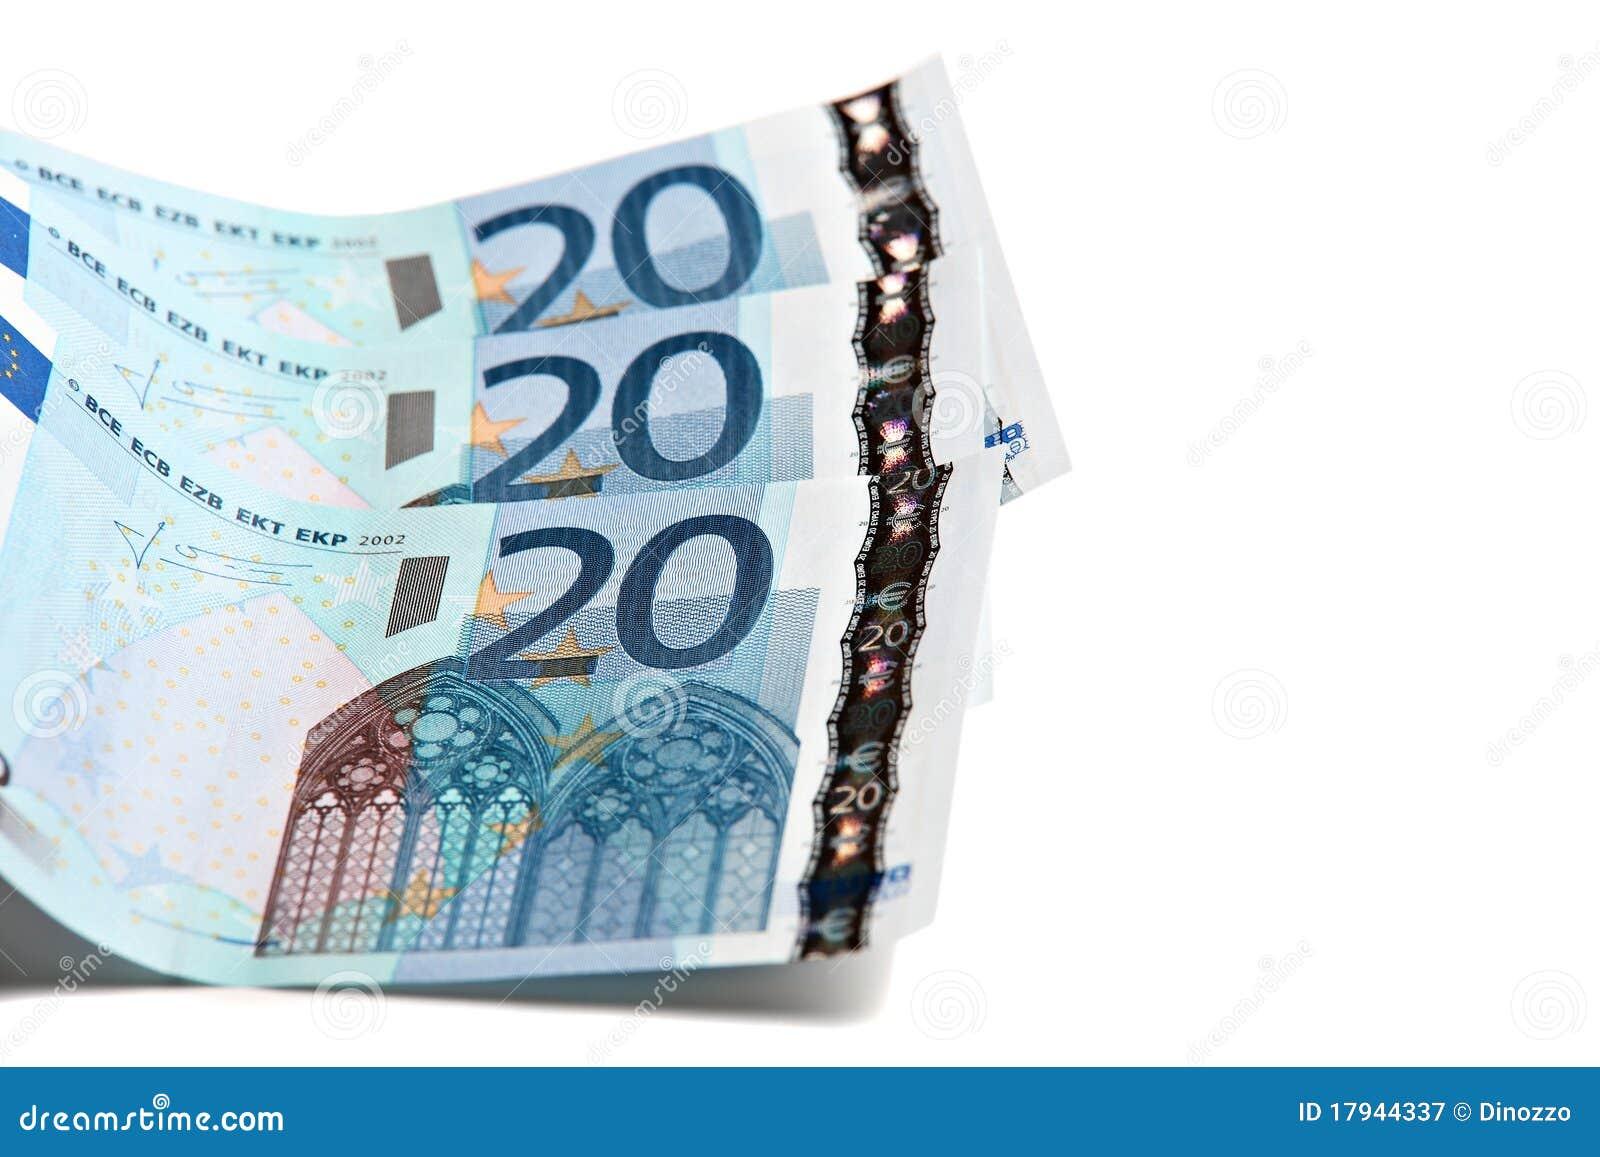 60$ In EUR